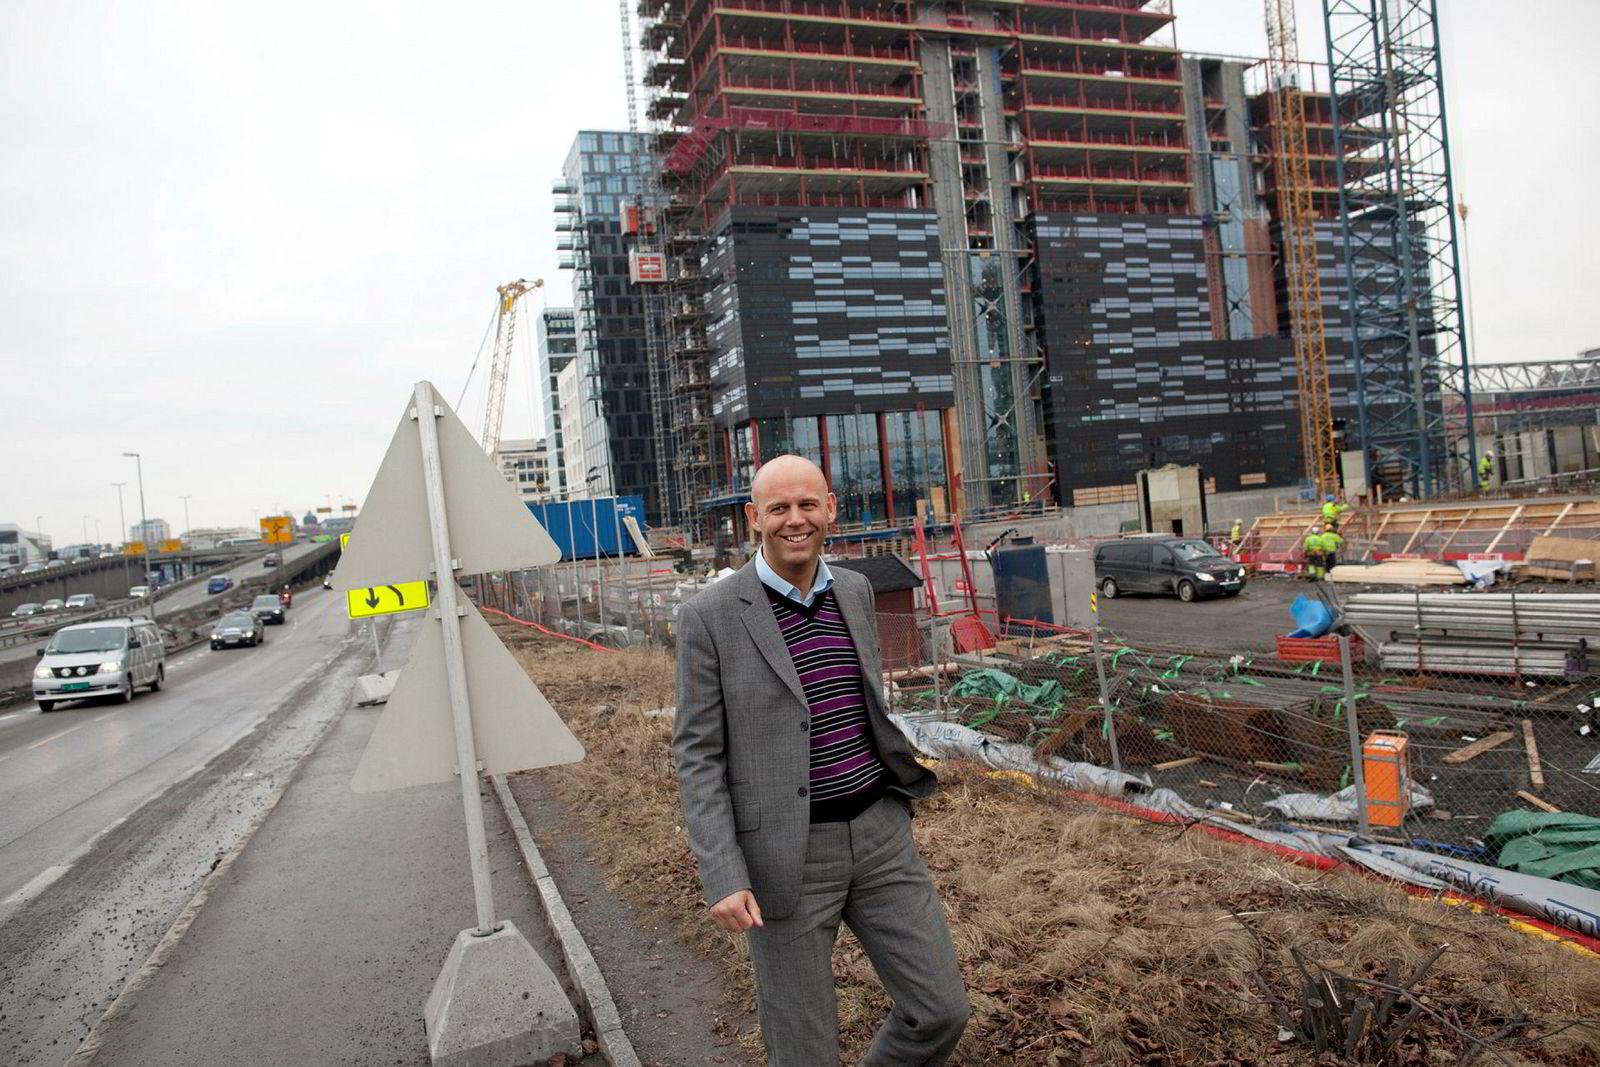 Braathen Eiendom-sjef Leif Arne Røsnes. Her i 2010 da flere av byggene i Barcode-prosjektet fortsatt var under bygging.